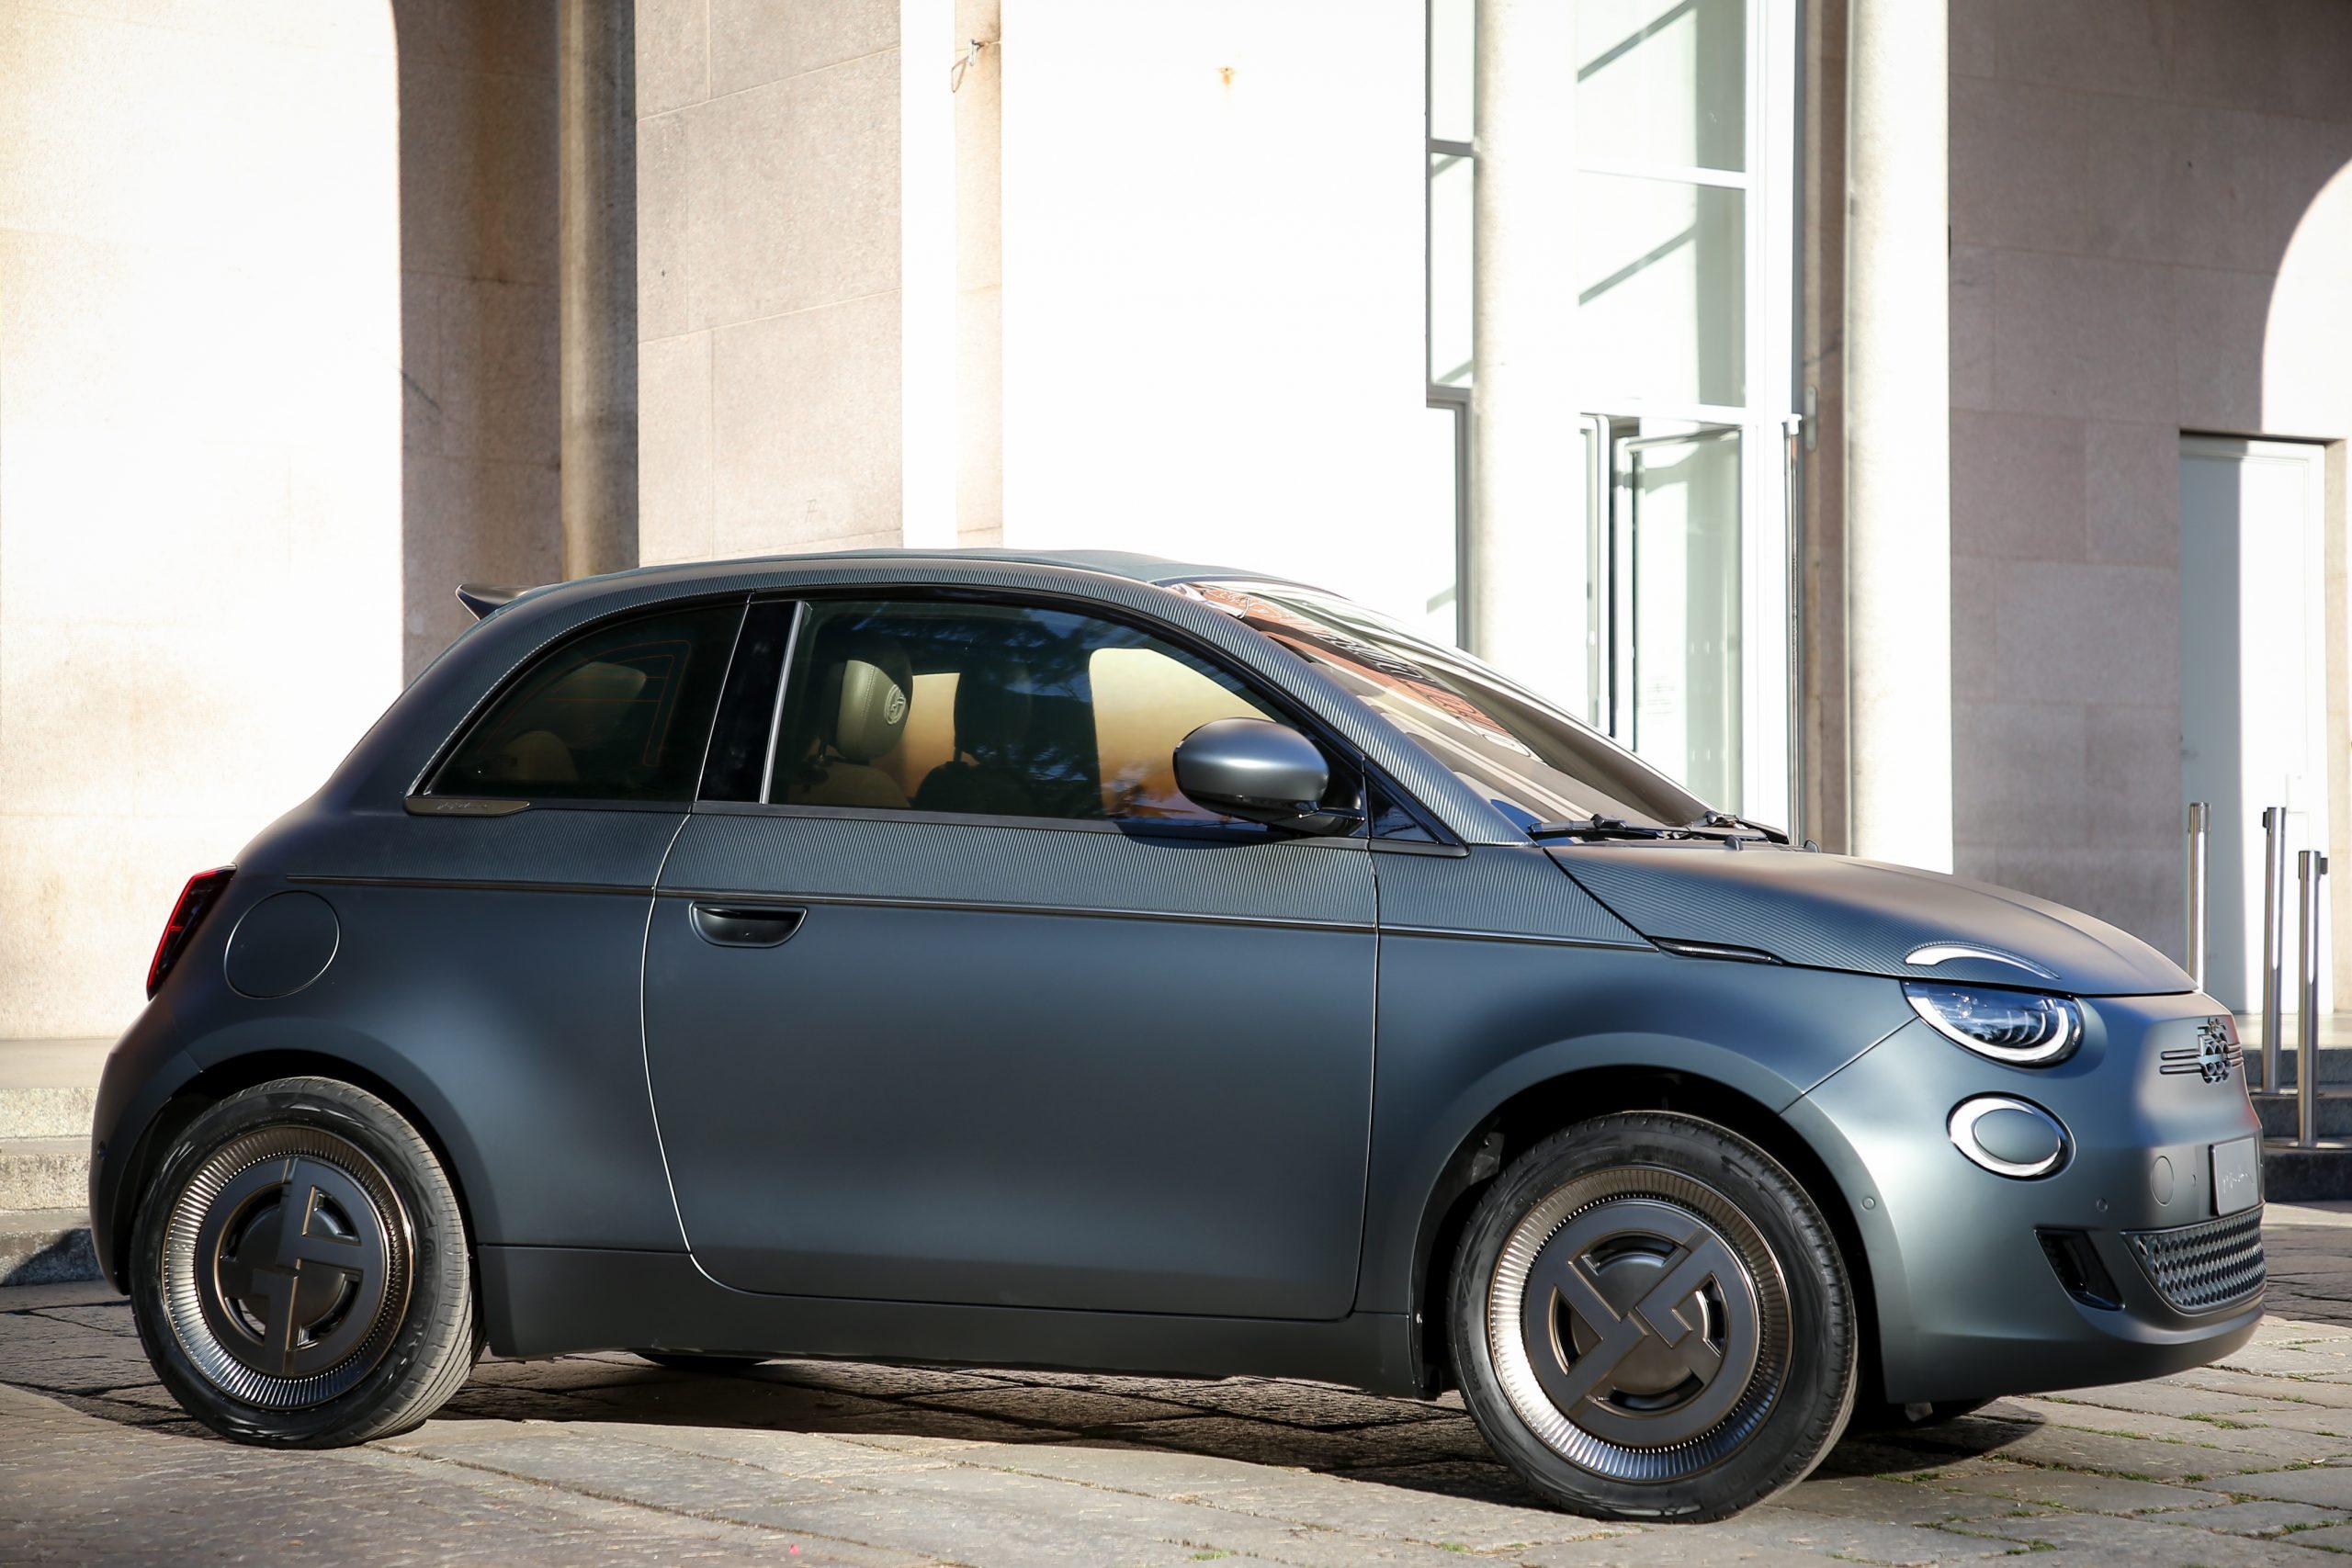 La Prima Fiat 500 elettrica, firmata Giorgio Armani